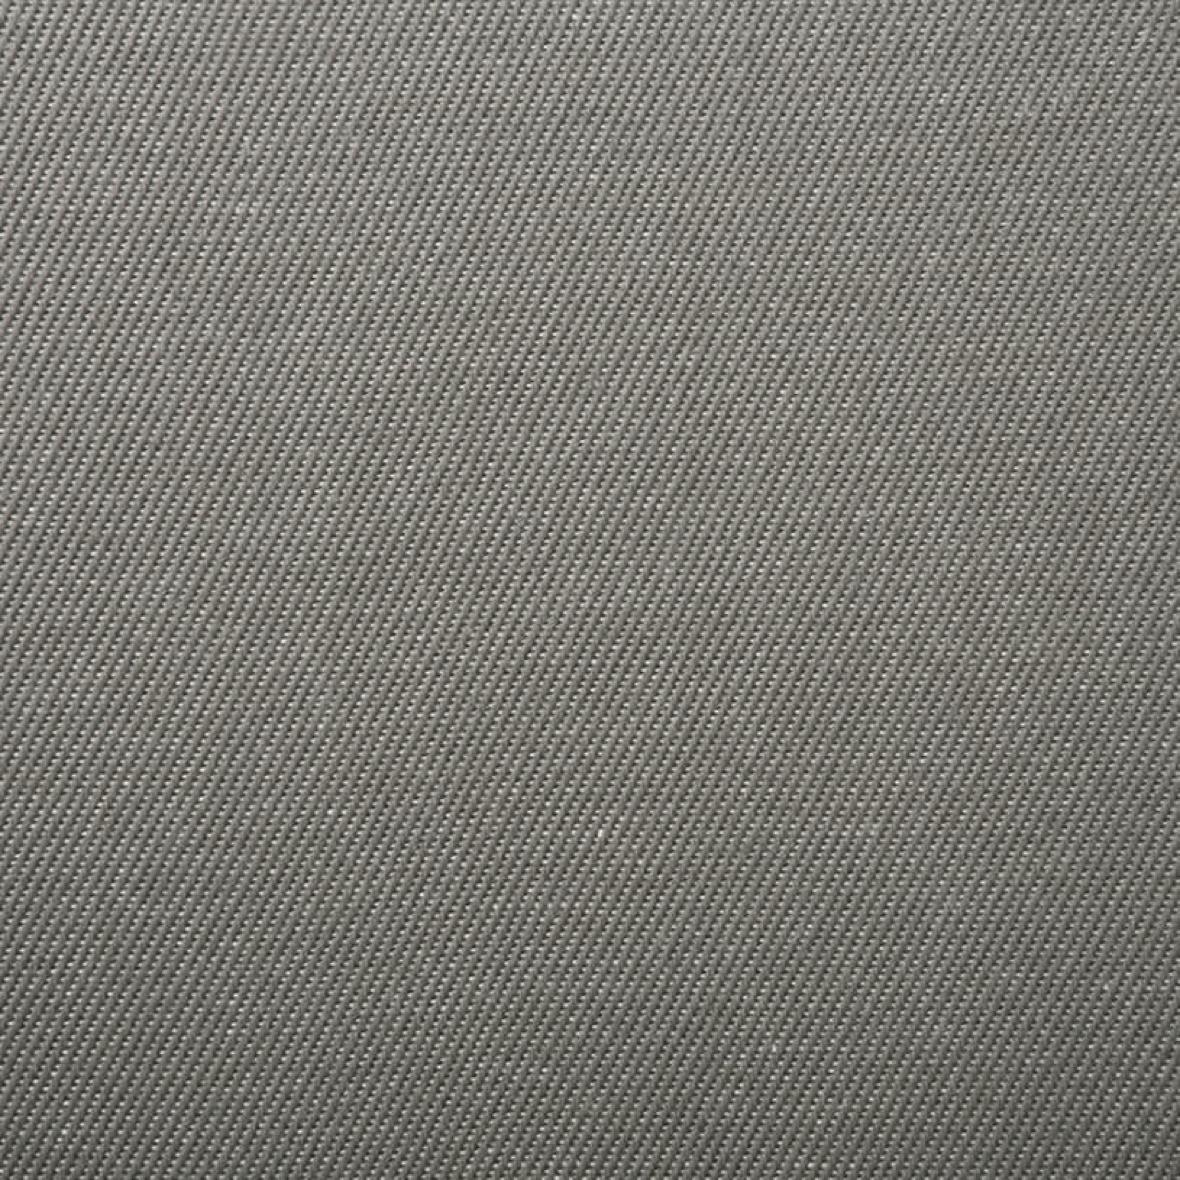 G-1043 ドレープH 1.5 L 300*160 標準縫製1.5倍ヒダ オーダーカーテン0